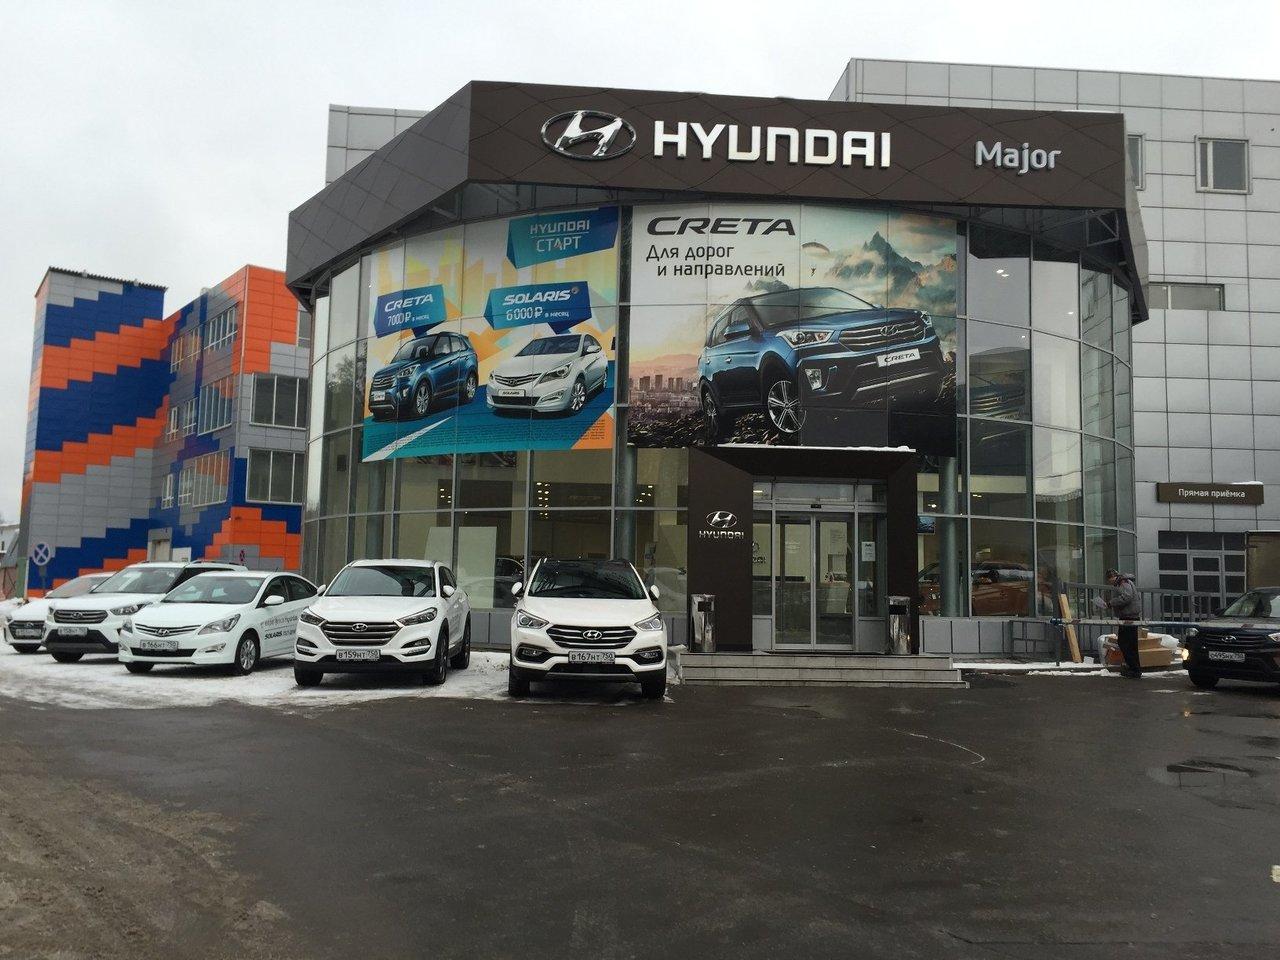 Автосалон мазда в москве мэйджор автомобили в ломбардах брянск